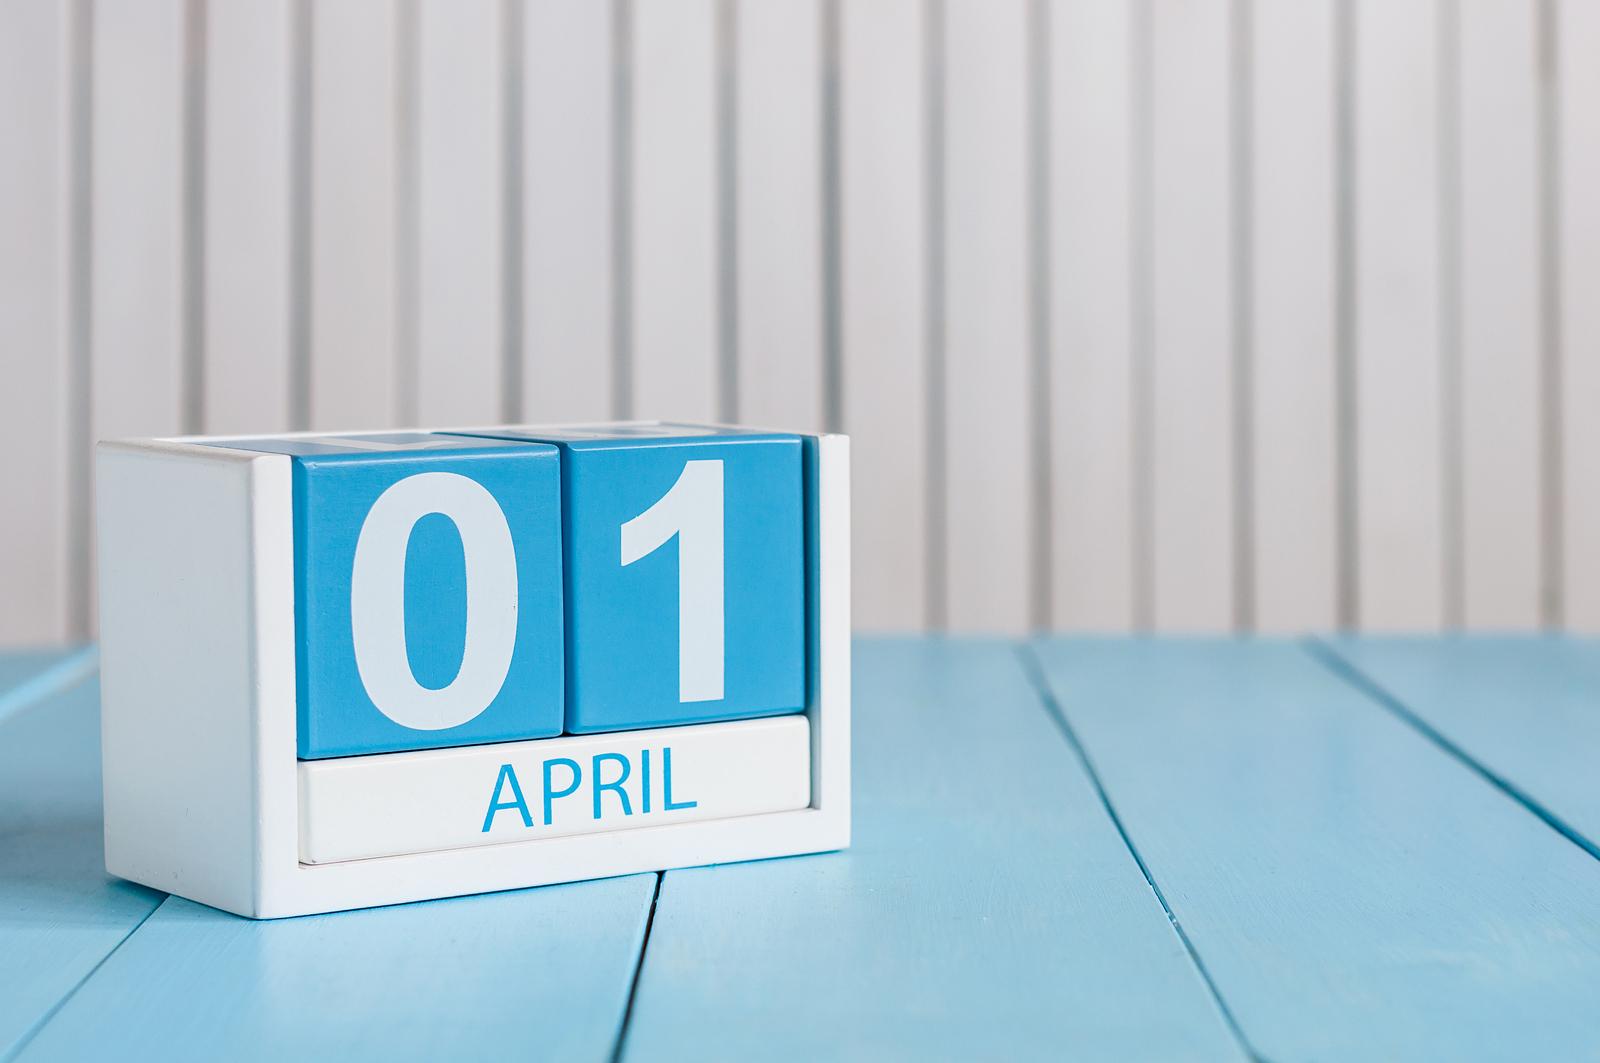 April Fools Security